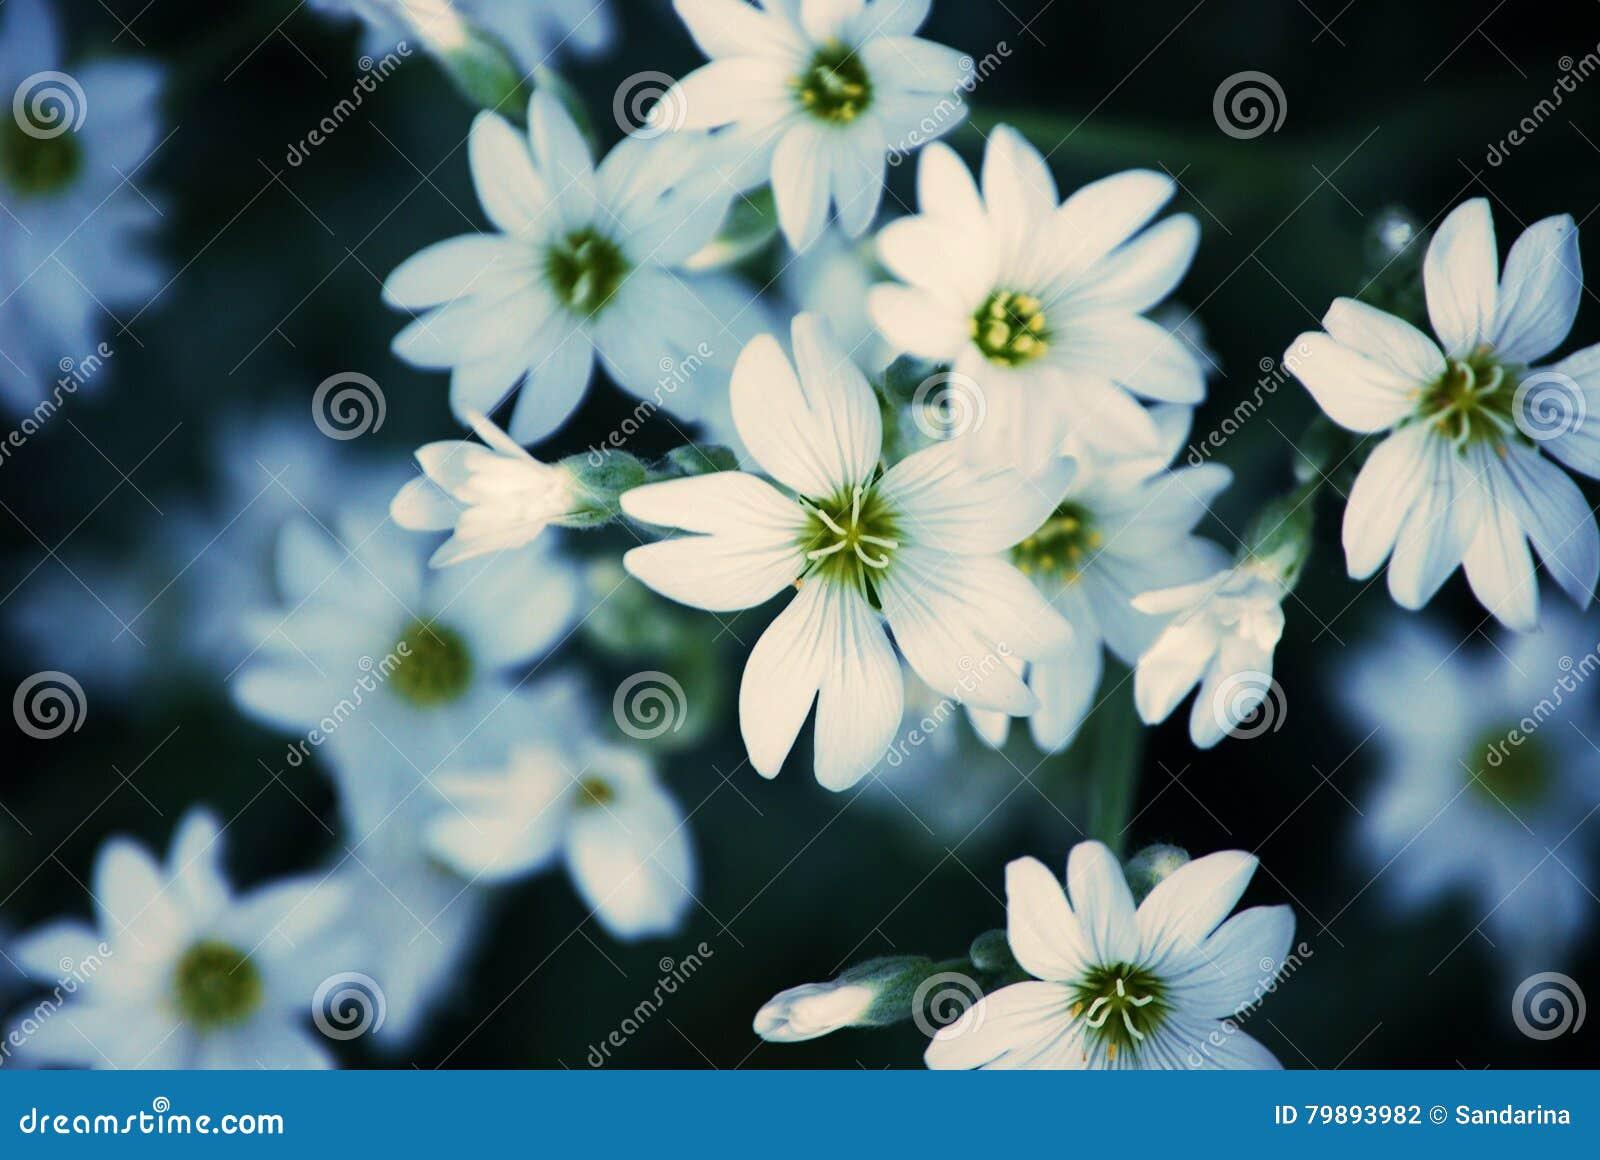 vita blommor bilder